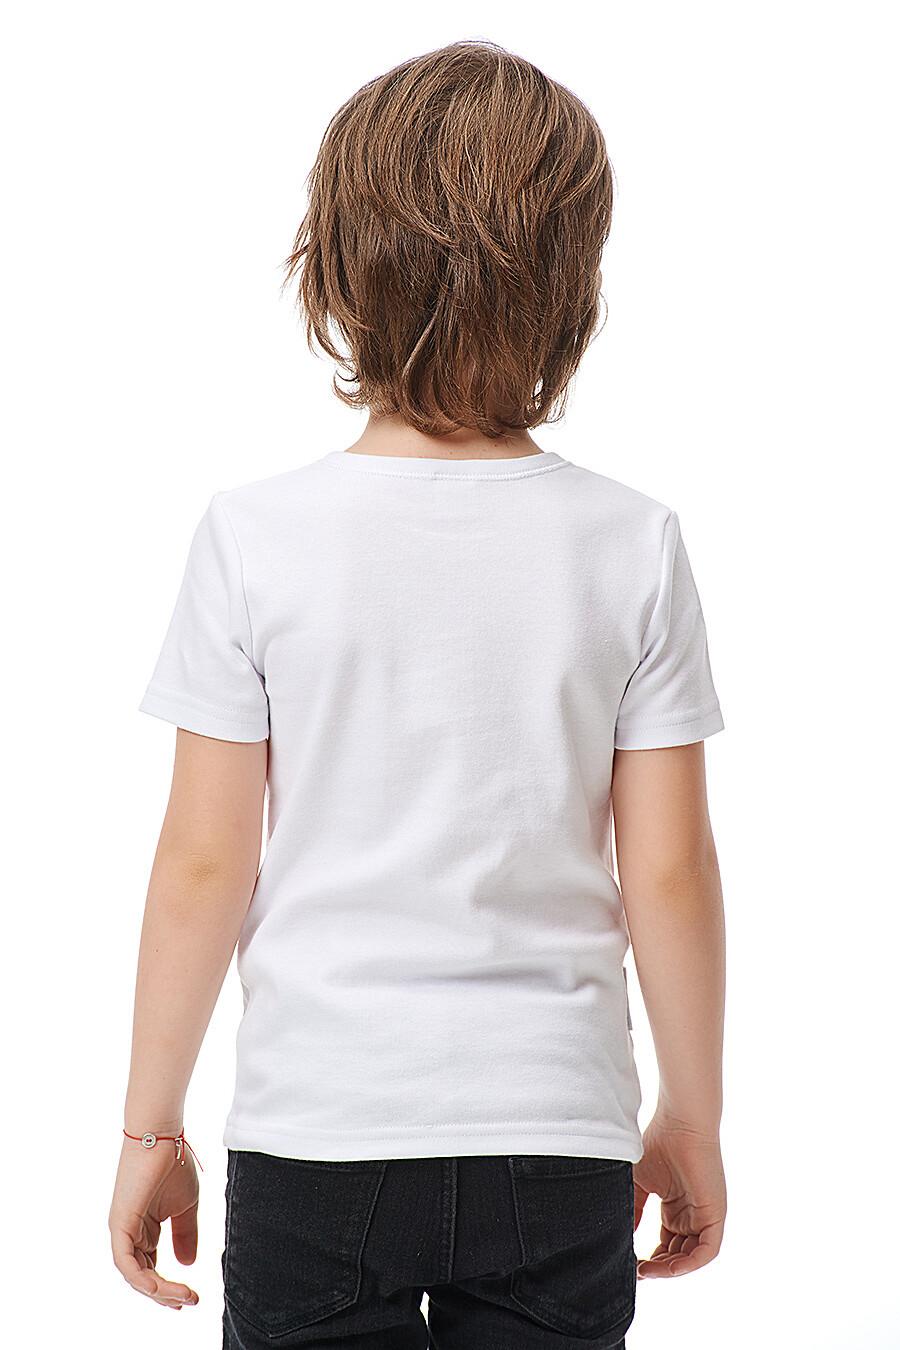 Футболка для мальчиков LUCKY CHILD 184698 купить оптом от производителя. Совместная покупка детской одежды в OptMoyo